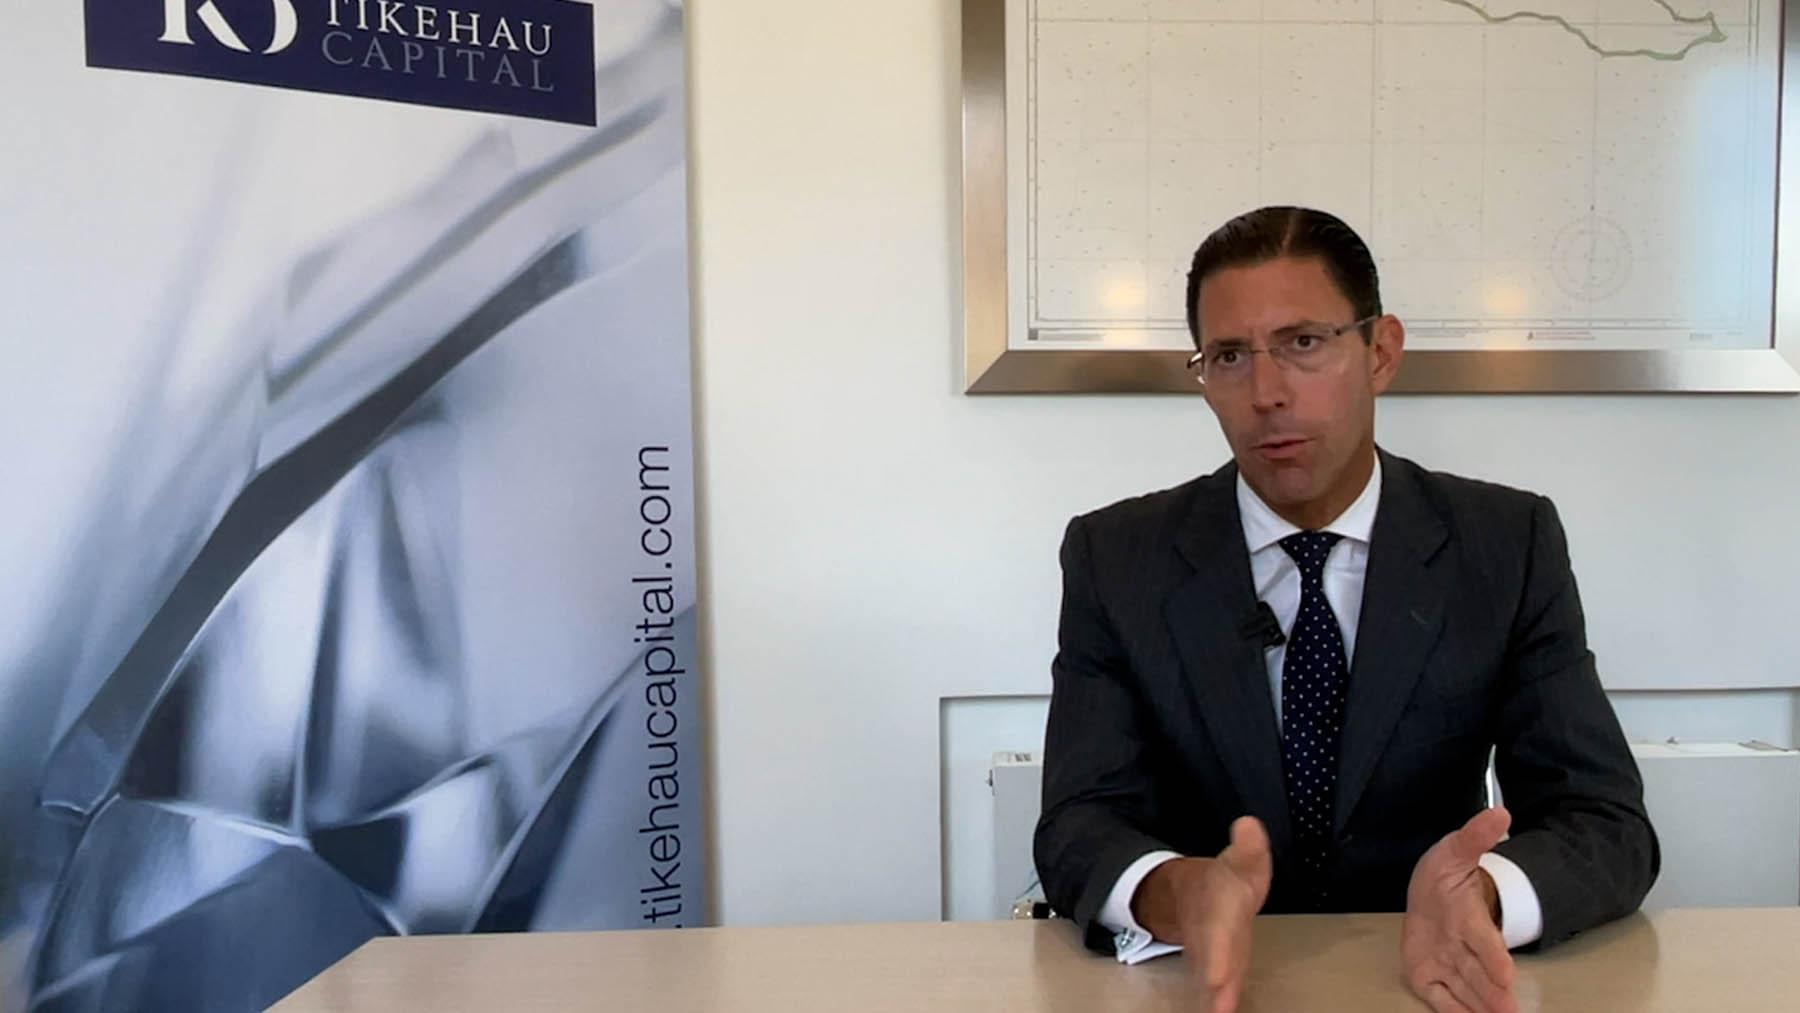 Christian Rouquerol, director de ventas en Iberia de Tikehau Capital.